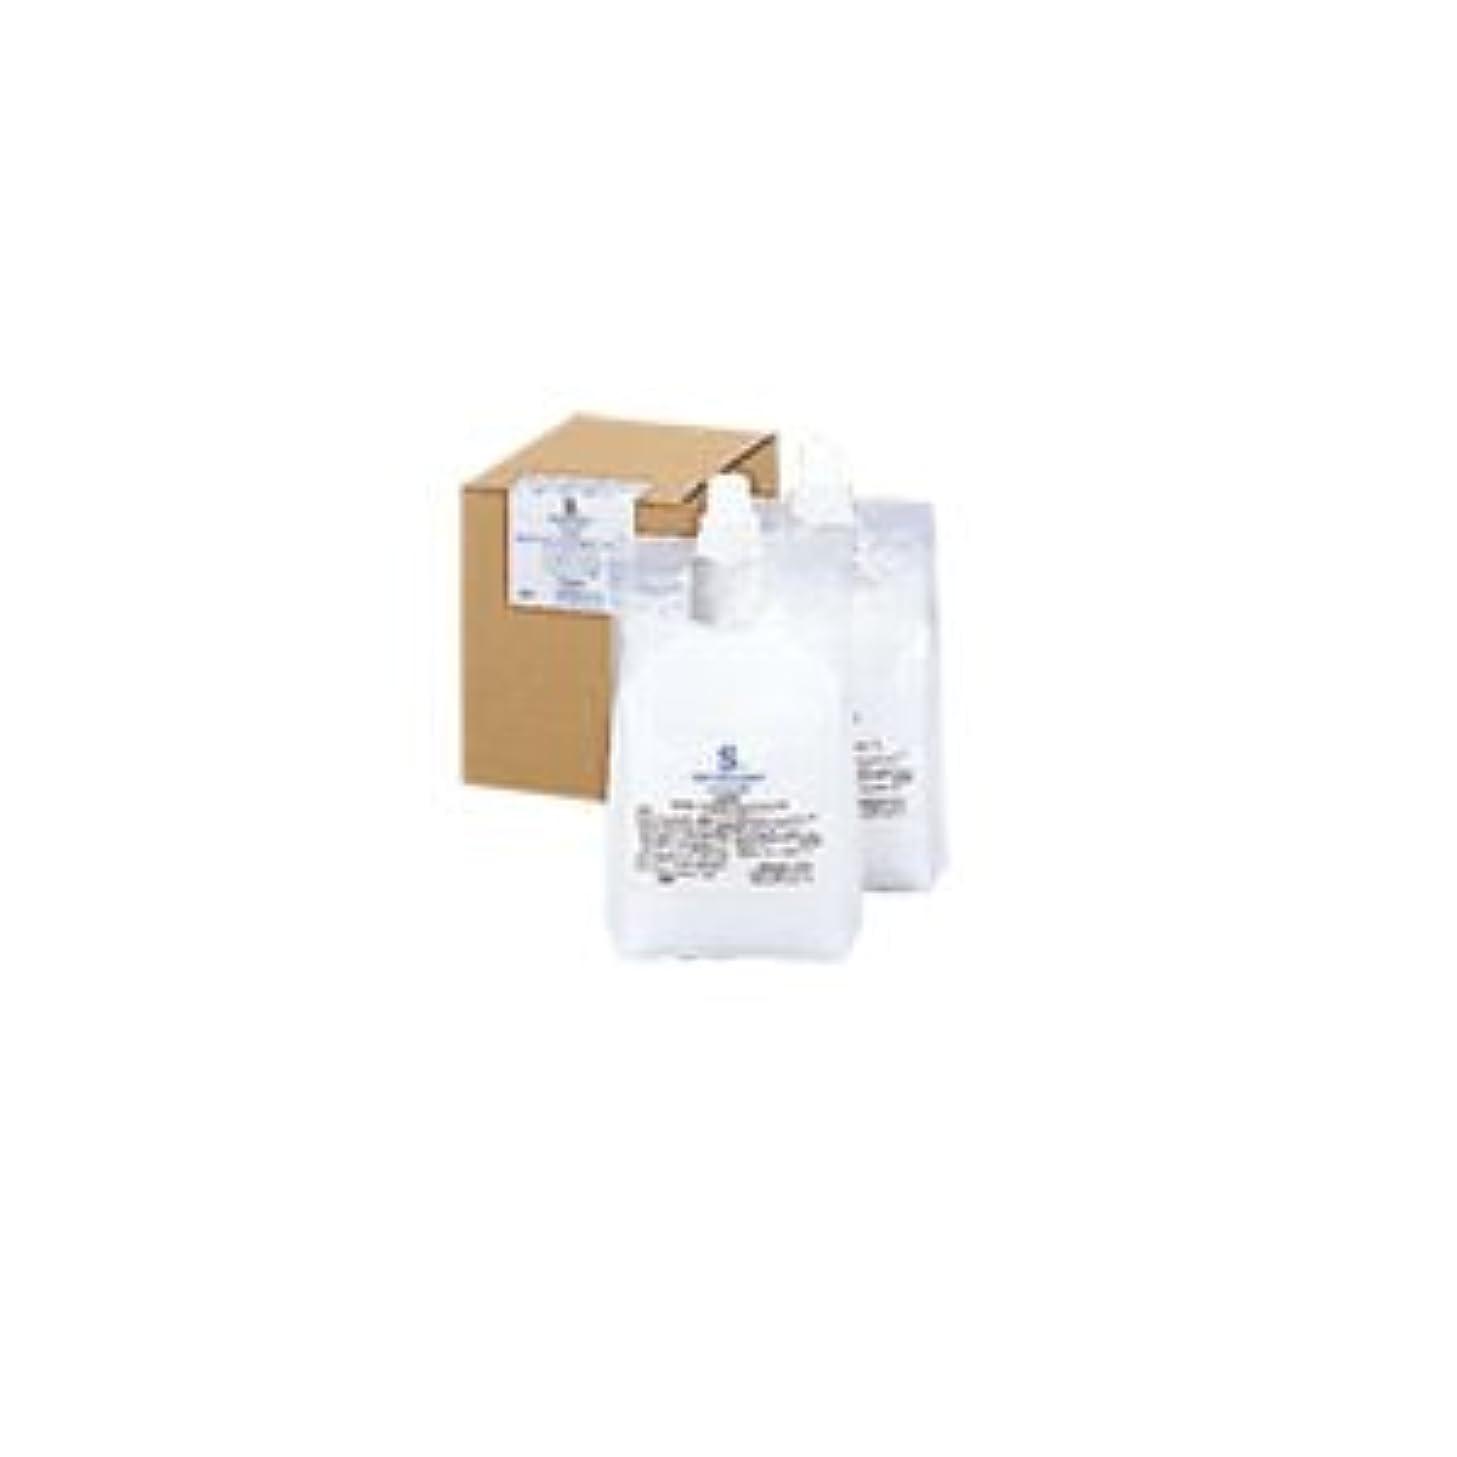 スキー時計トイレナカノ センフィーク コンディショナー スムース 3000ml(1500ml×2)レフィル